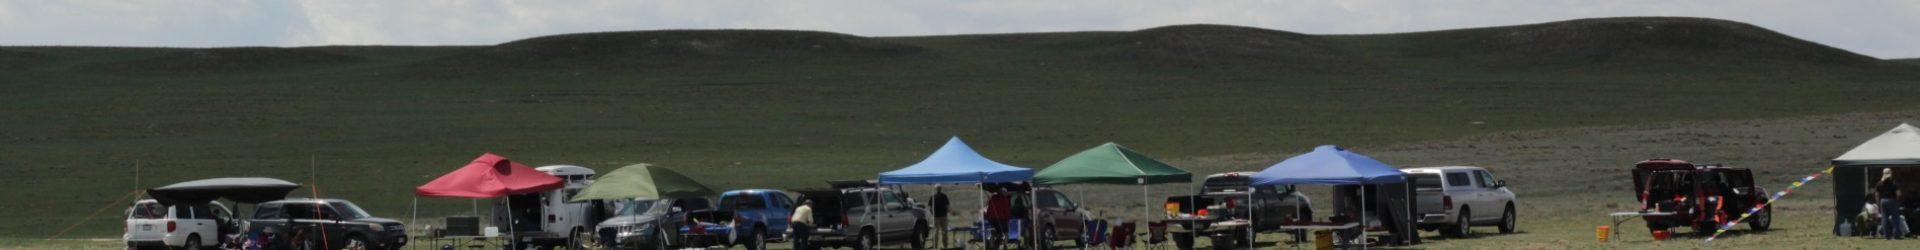 Northern Colorado Rocketry